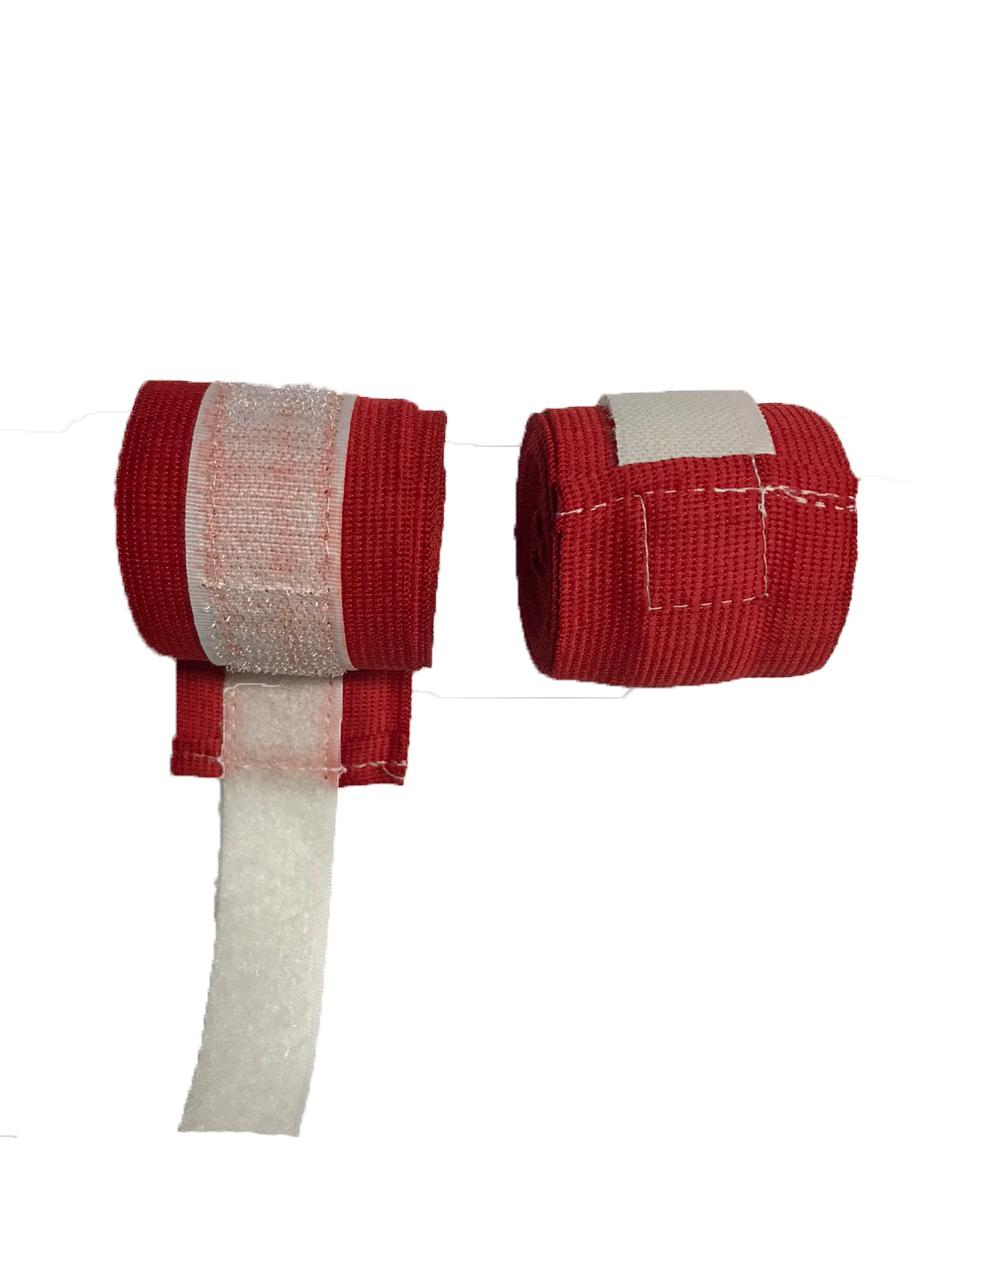 Foto 1 - Bandagem 3m Digital Esportes Para artes marciais Vermelha